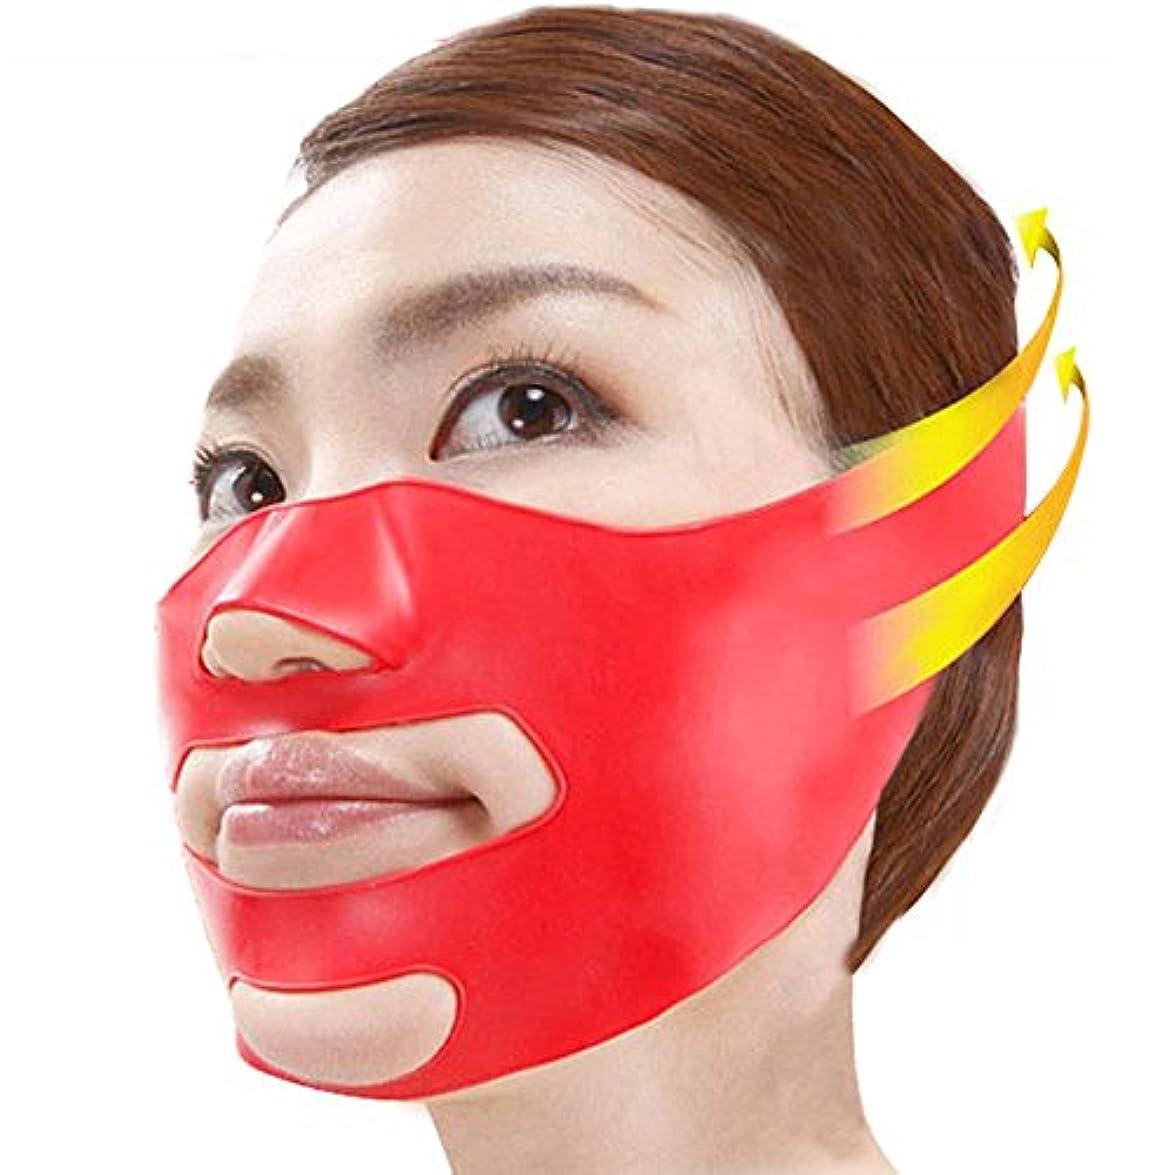 引用駐地鋼3D 小顔 マッサージグッズ フェイスマスク 美容 顔痩せ ほうれい線 消す グッズ 美顔 矯正 (フリーサイズ, レッド)